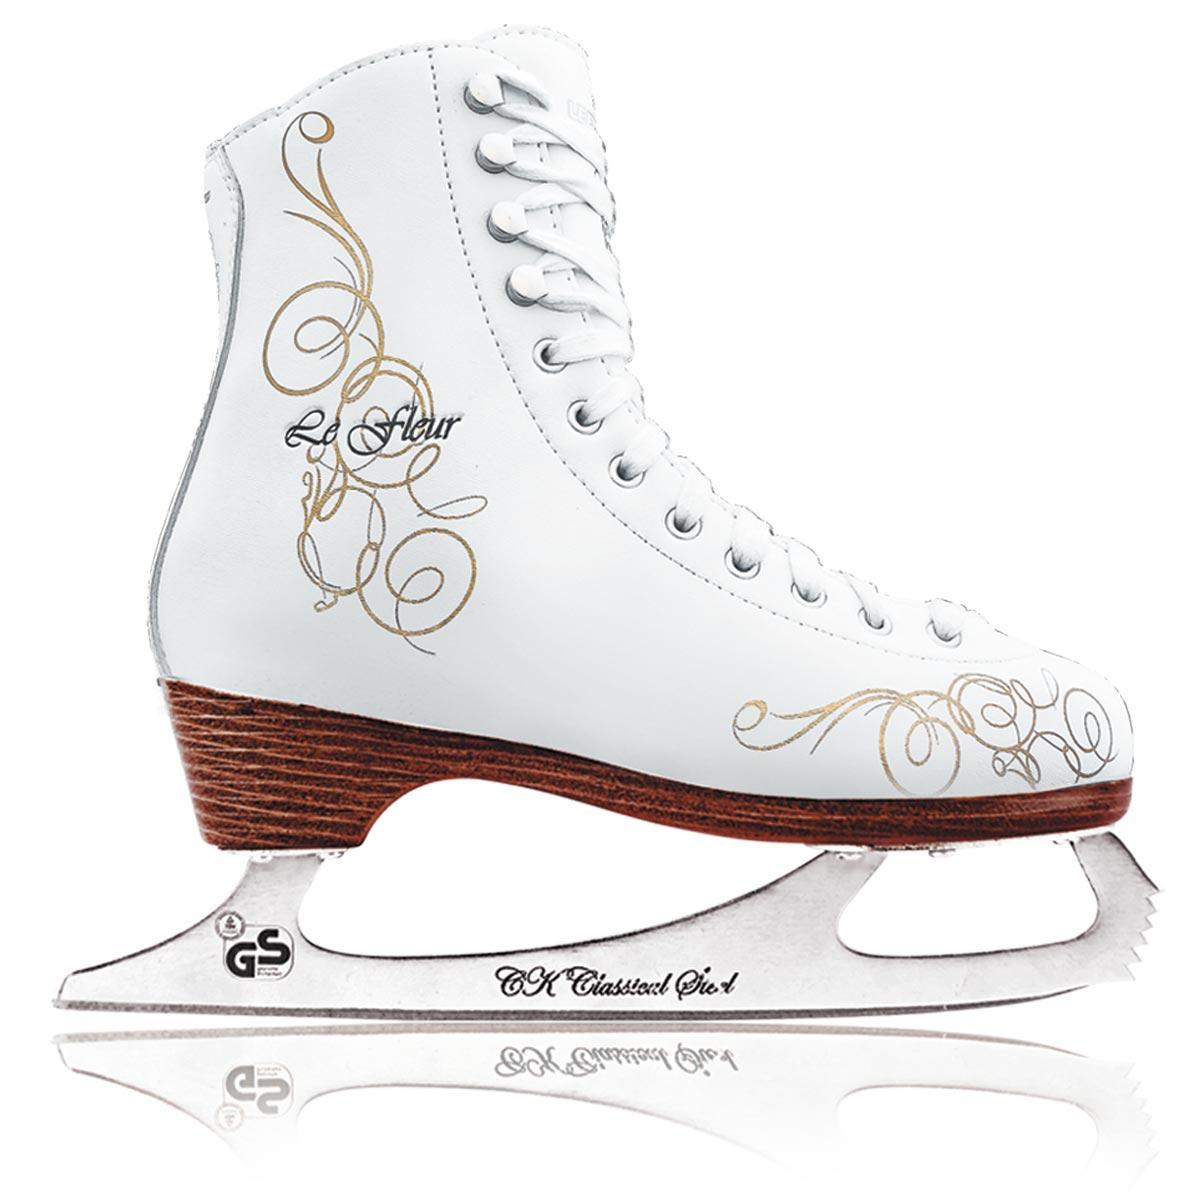 Коньки фигурные для девочки СК Le Fleur Leather 50/50, цвет: белый, золотой. Размер 33